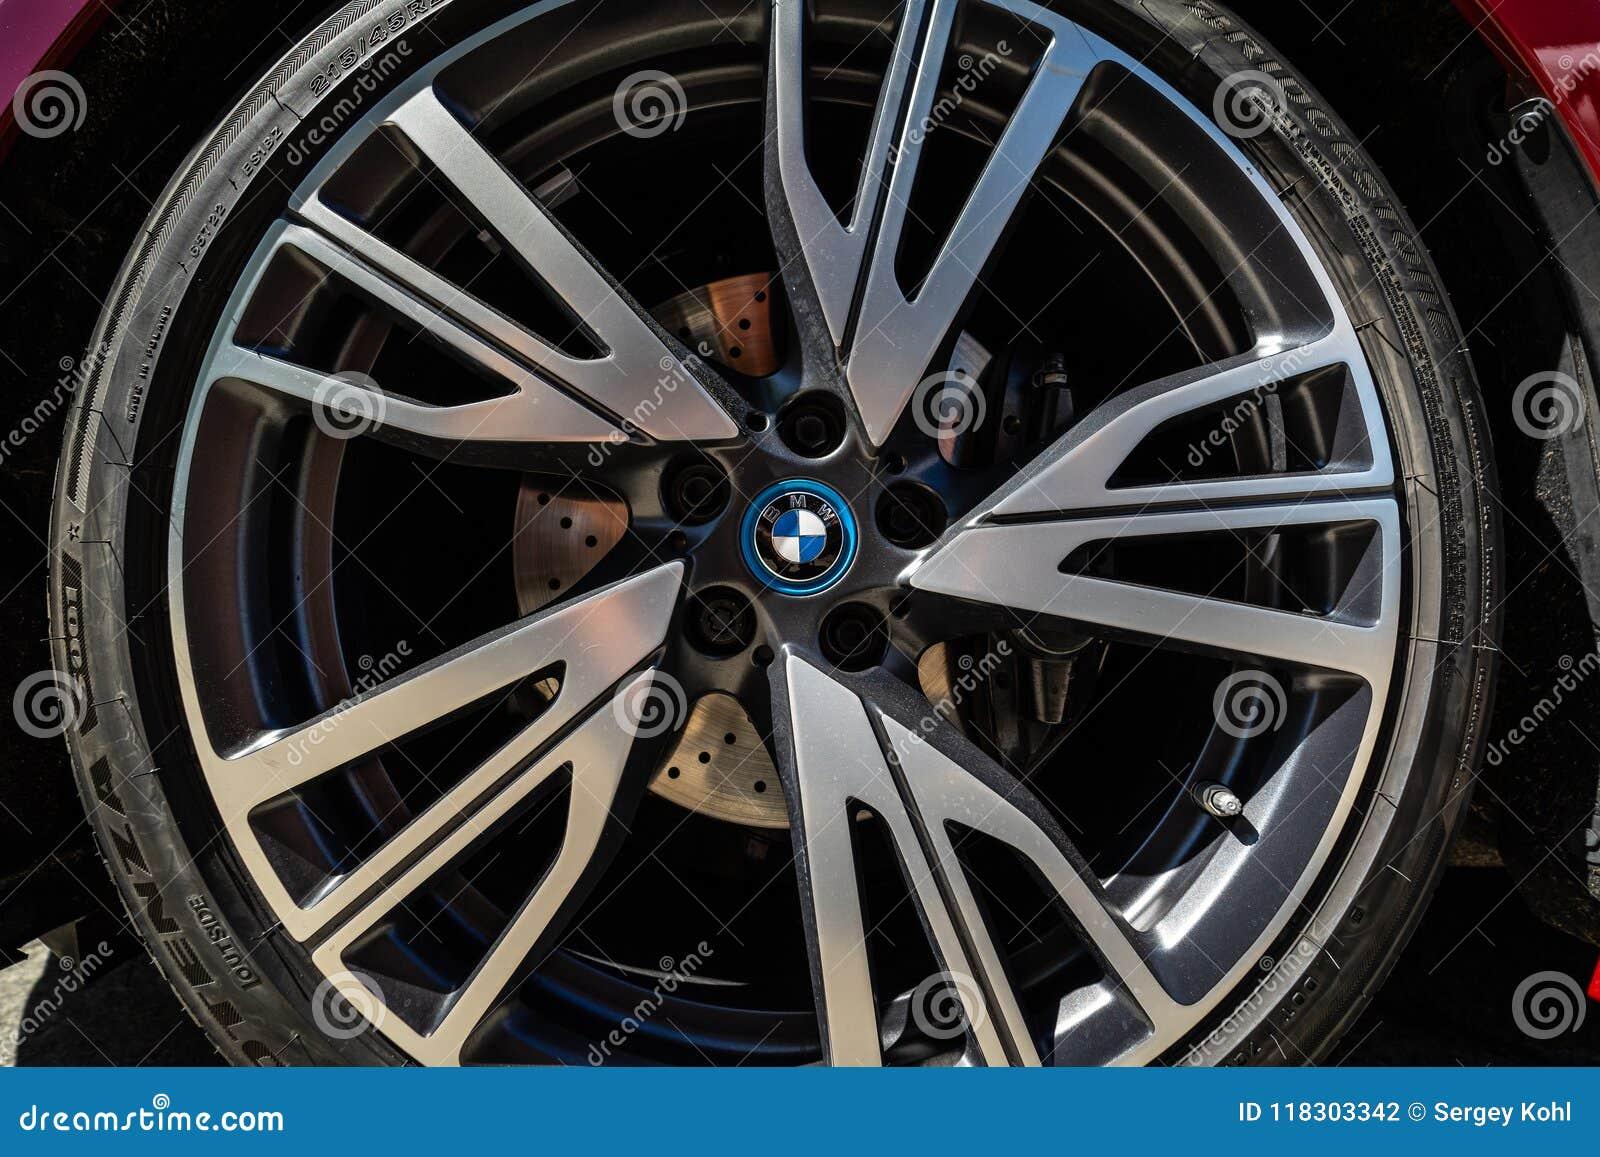 Деталь передней тормозной системы BMW i8 автомобиля спорт plug-in гибридного